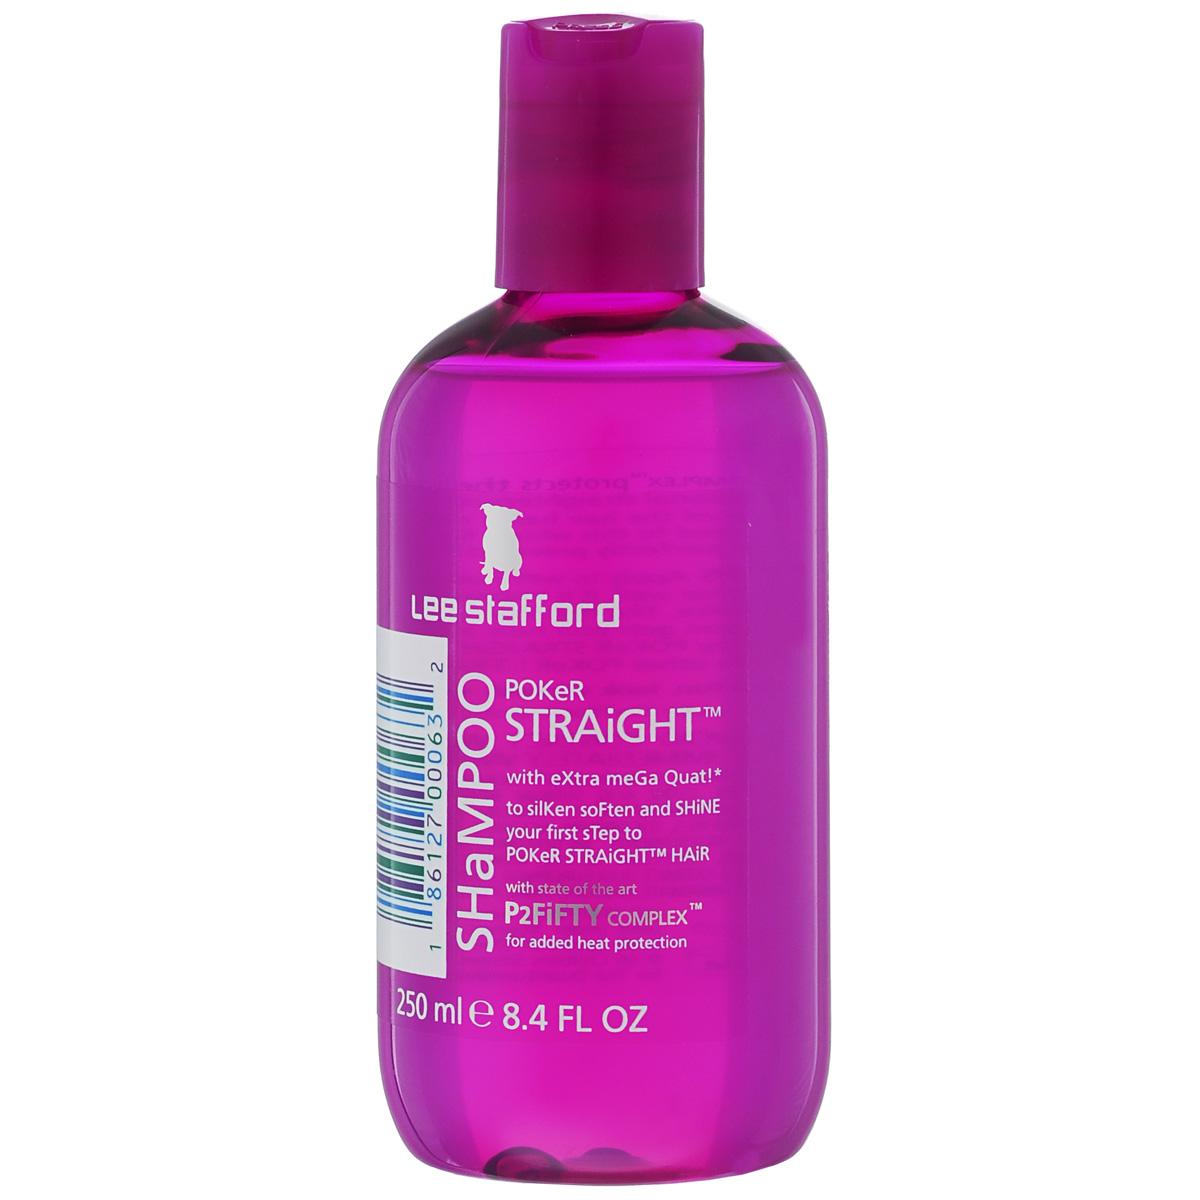 Lee Stafford Шампунь для выпрямления волос Poker Straight, 250 млSCHJ104Шампунь для выпрямления волос Poker Straight Shampoo, 75 мл. Содержит уникальный компонент Quat, который, попадая на волосы, смягчает и выпрямляет их. Придает ощущение шелковистости и облегчает расчесывание.